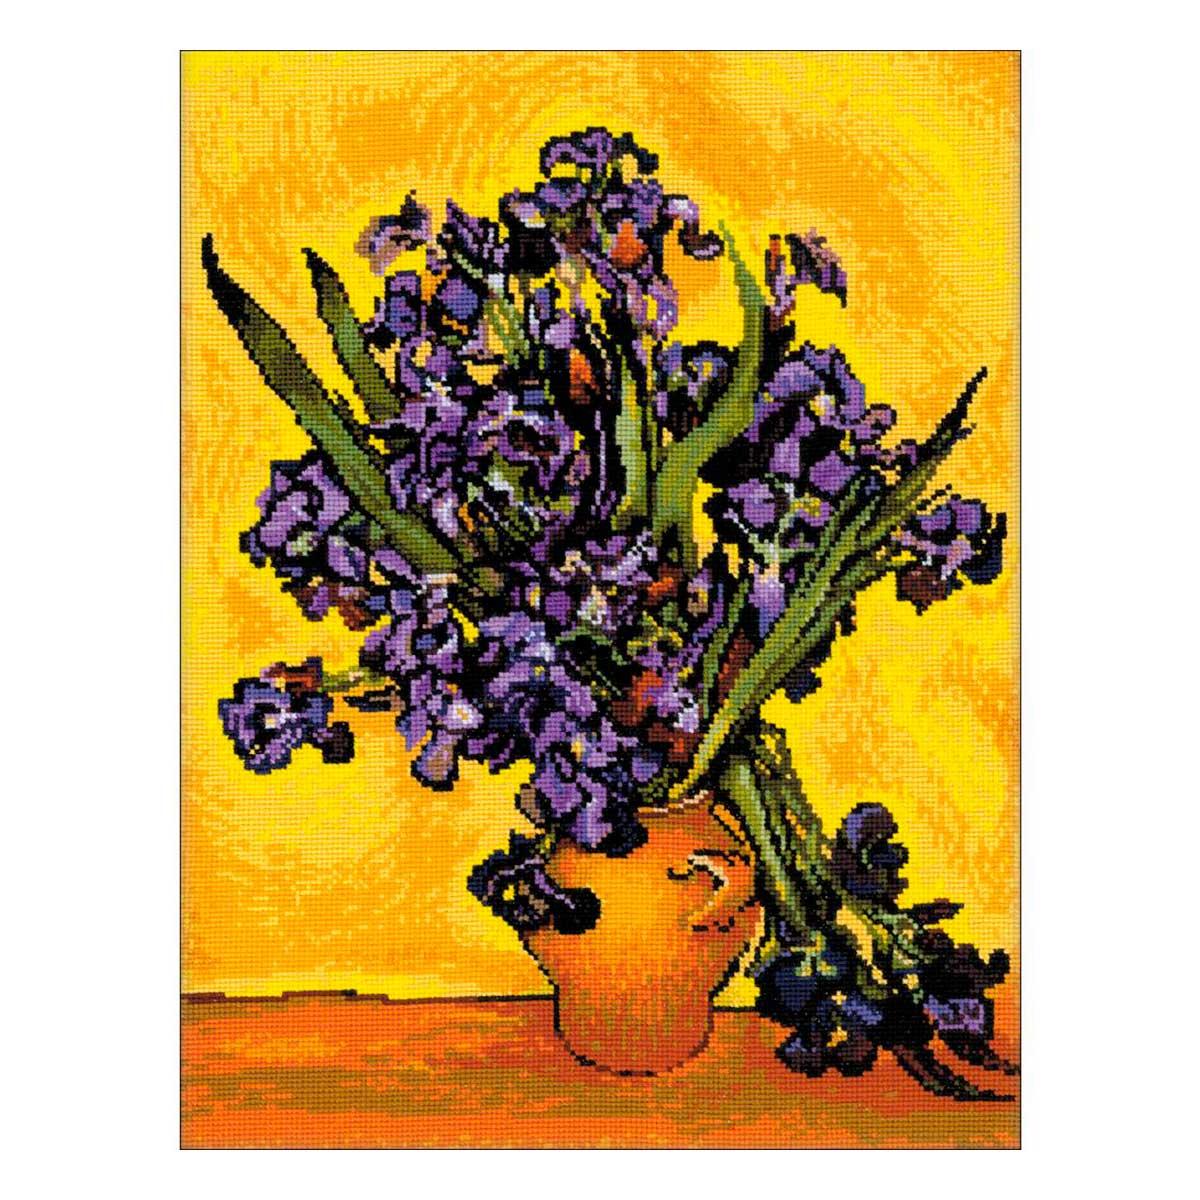 1087 Набор для вышивания Riolis 'Ван Гог 'Ирисы', 30*40 см